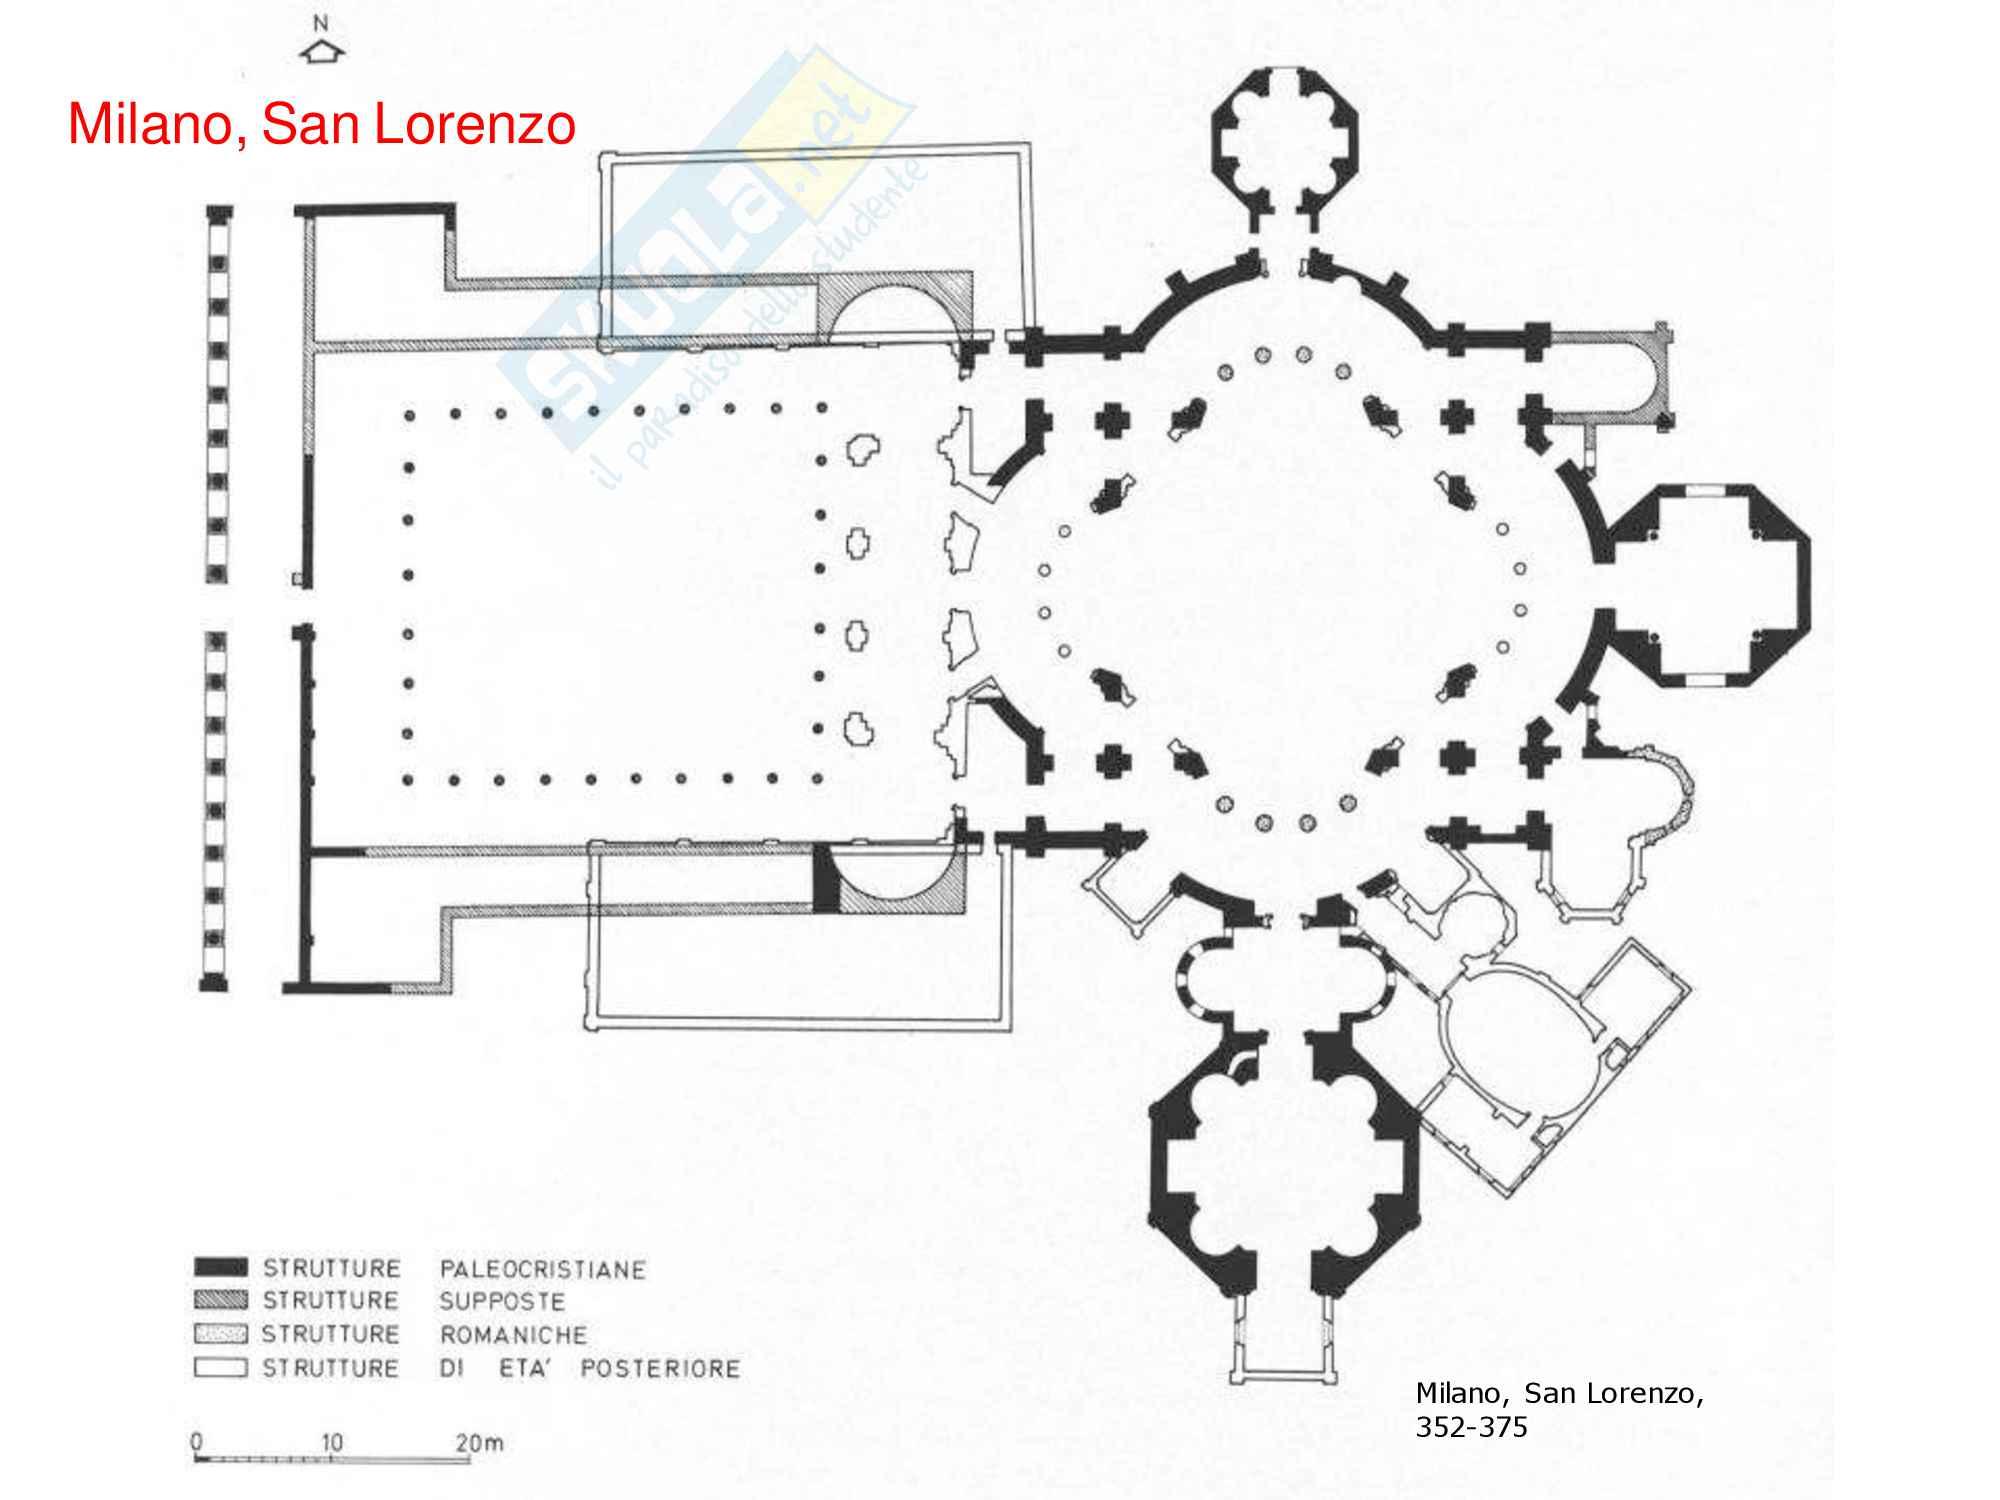 Storia dell'architettura e delle Tecniche Costruttive - Temi d'esame svolti Pag. 16